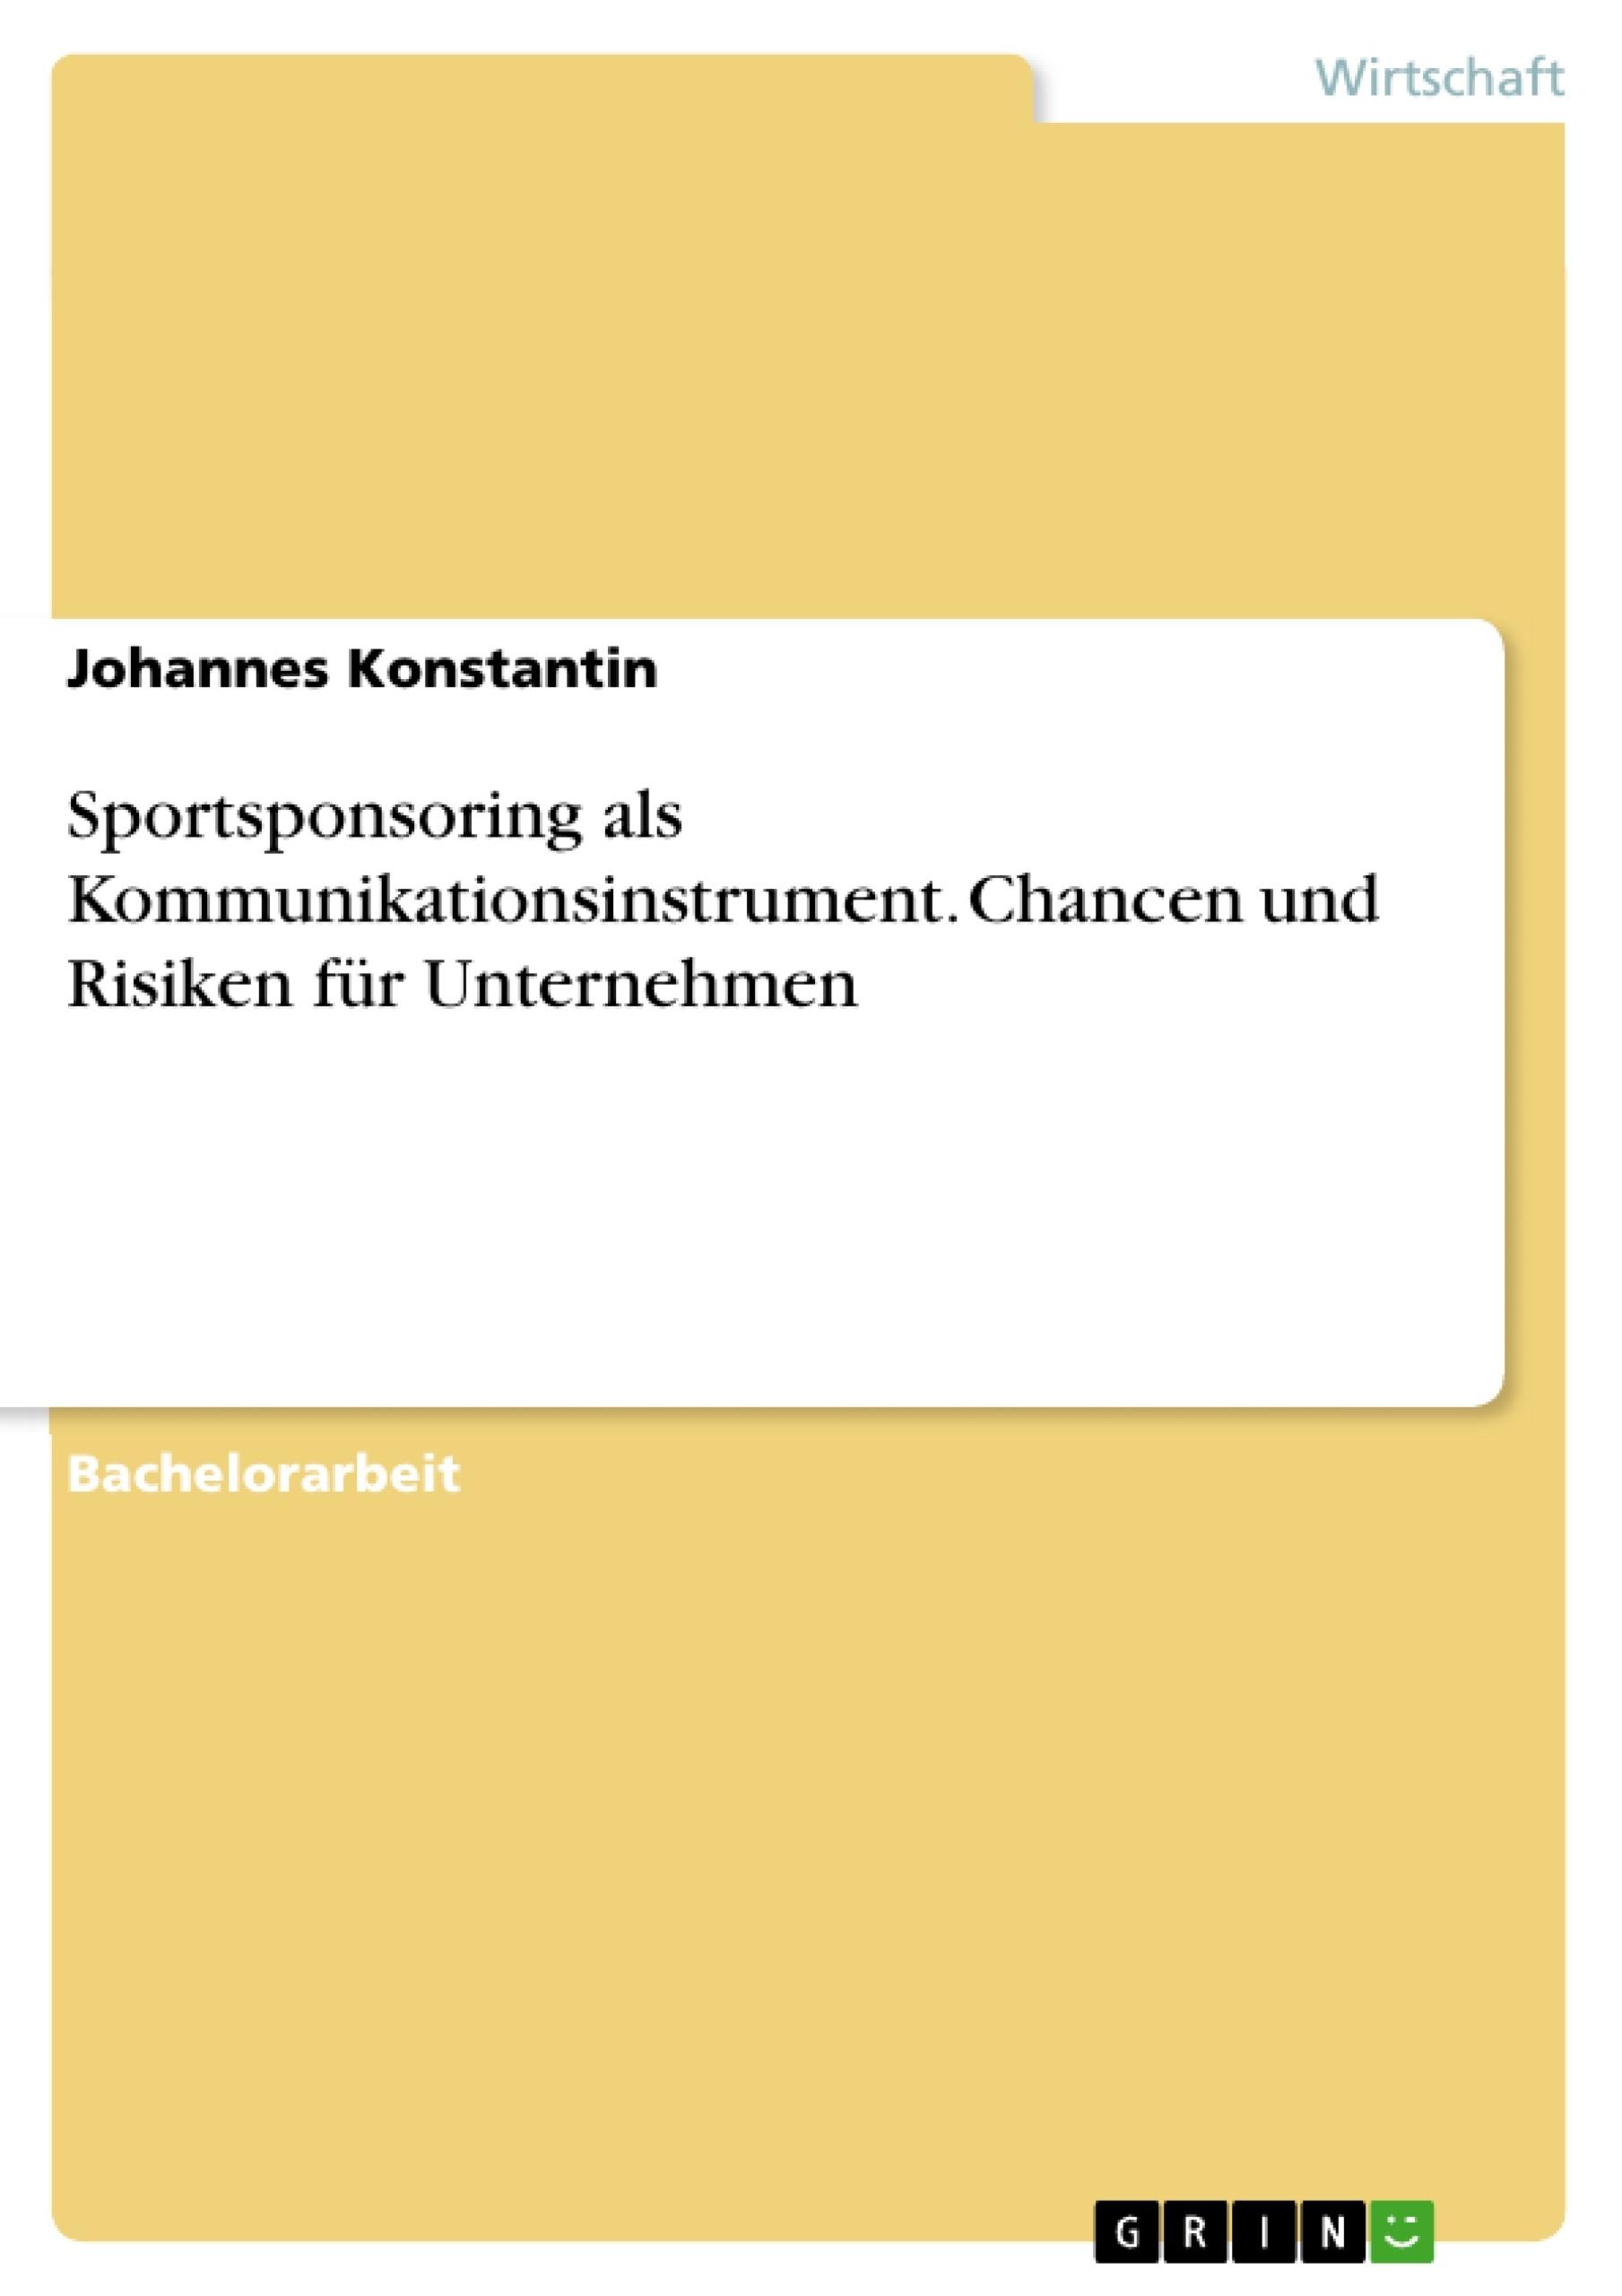 Titel: Sportsponsoring als Kommunikationsinstrument. Chancen und Risiken für Unternehmen